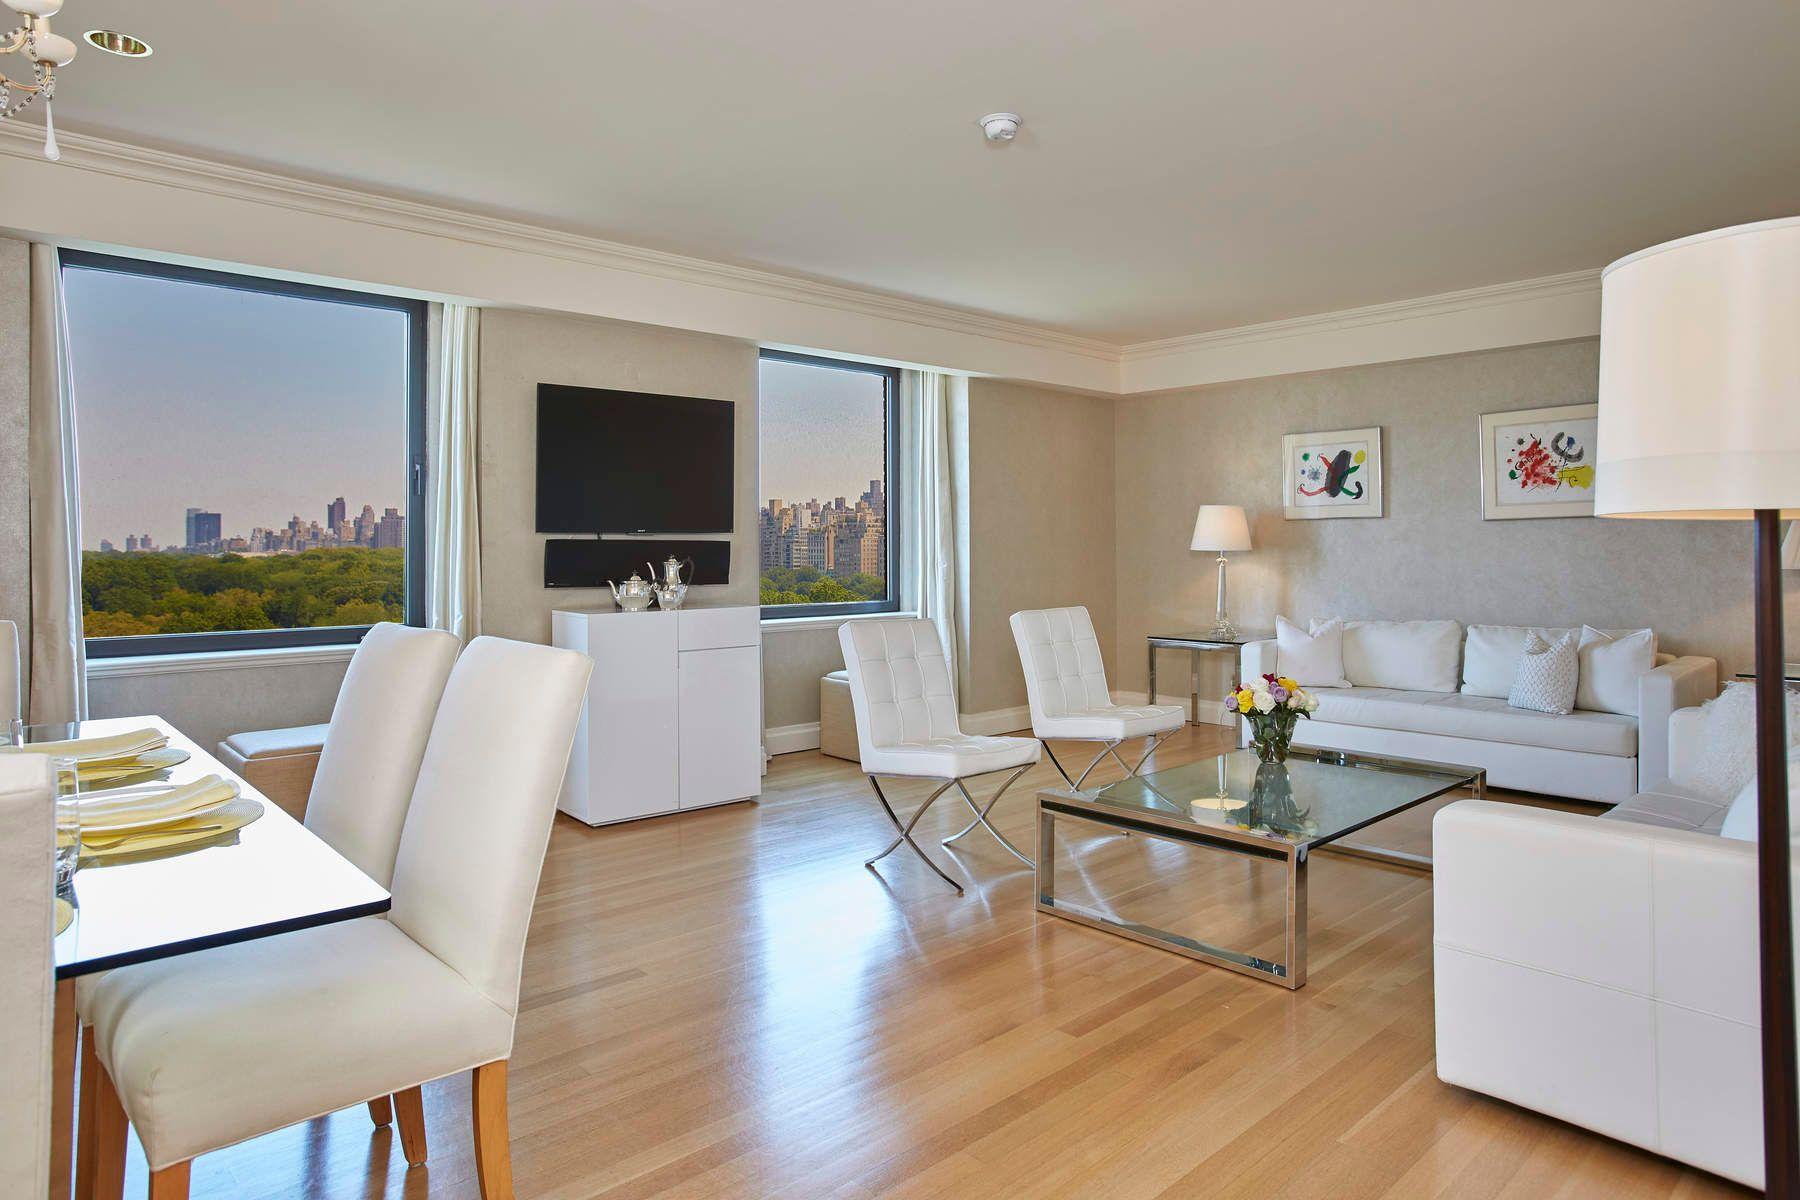 콘도미니엄 용 매매 에 Gorgeous Home with Central Park Views 160 Central Park South Apt 1101/1162, Midtown West, New York, 뉴욕, 10019 미국